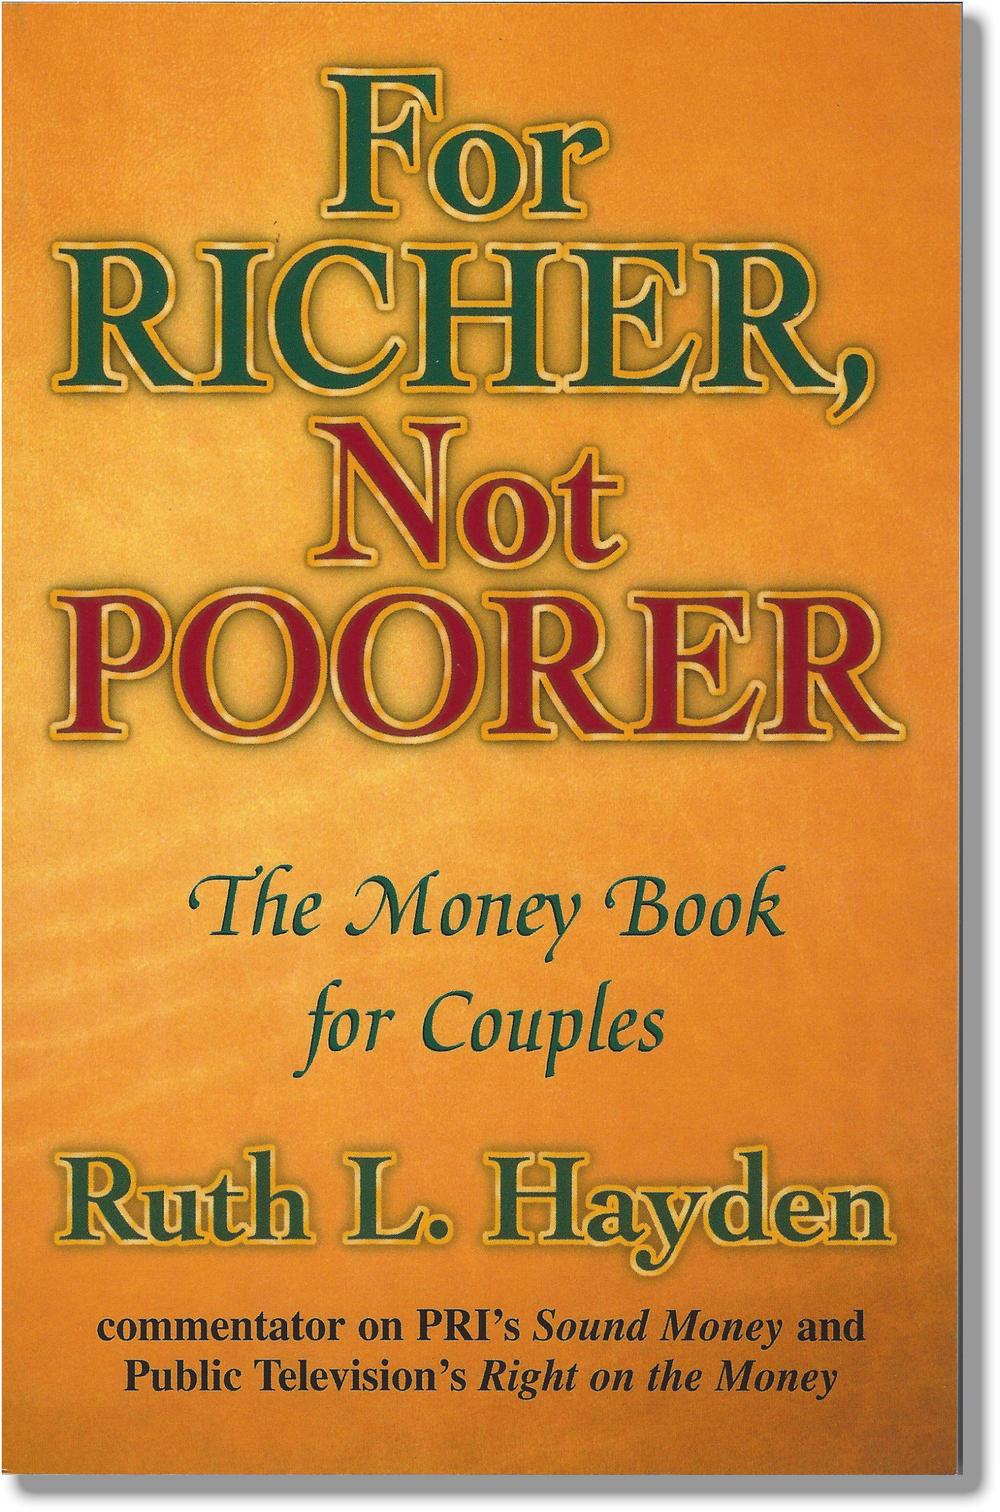 For Richer, Not Poorer